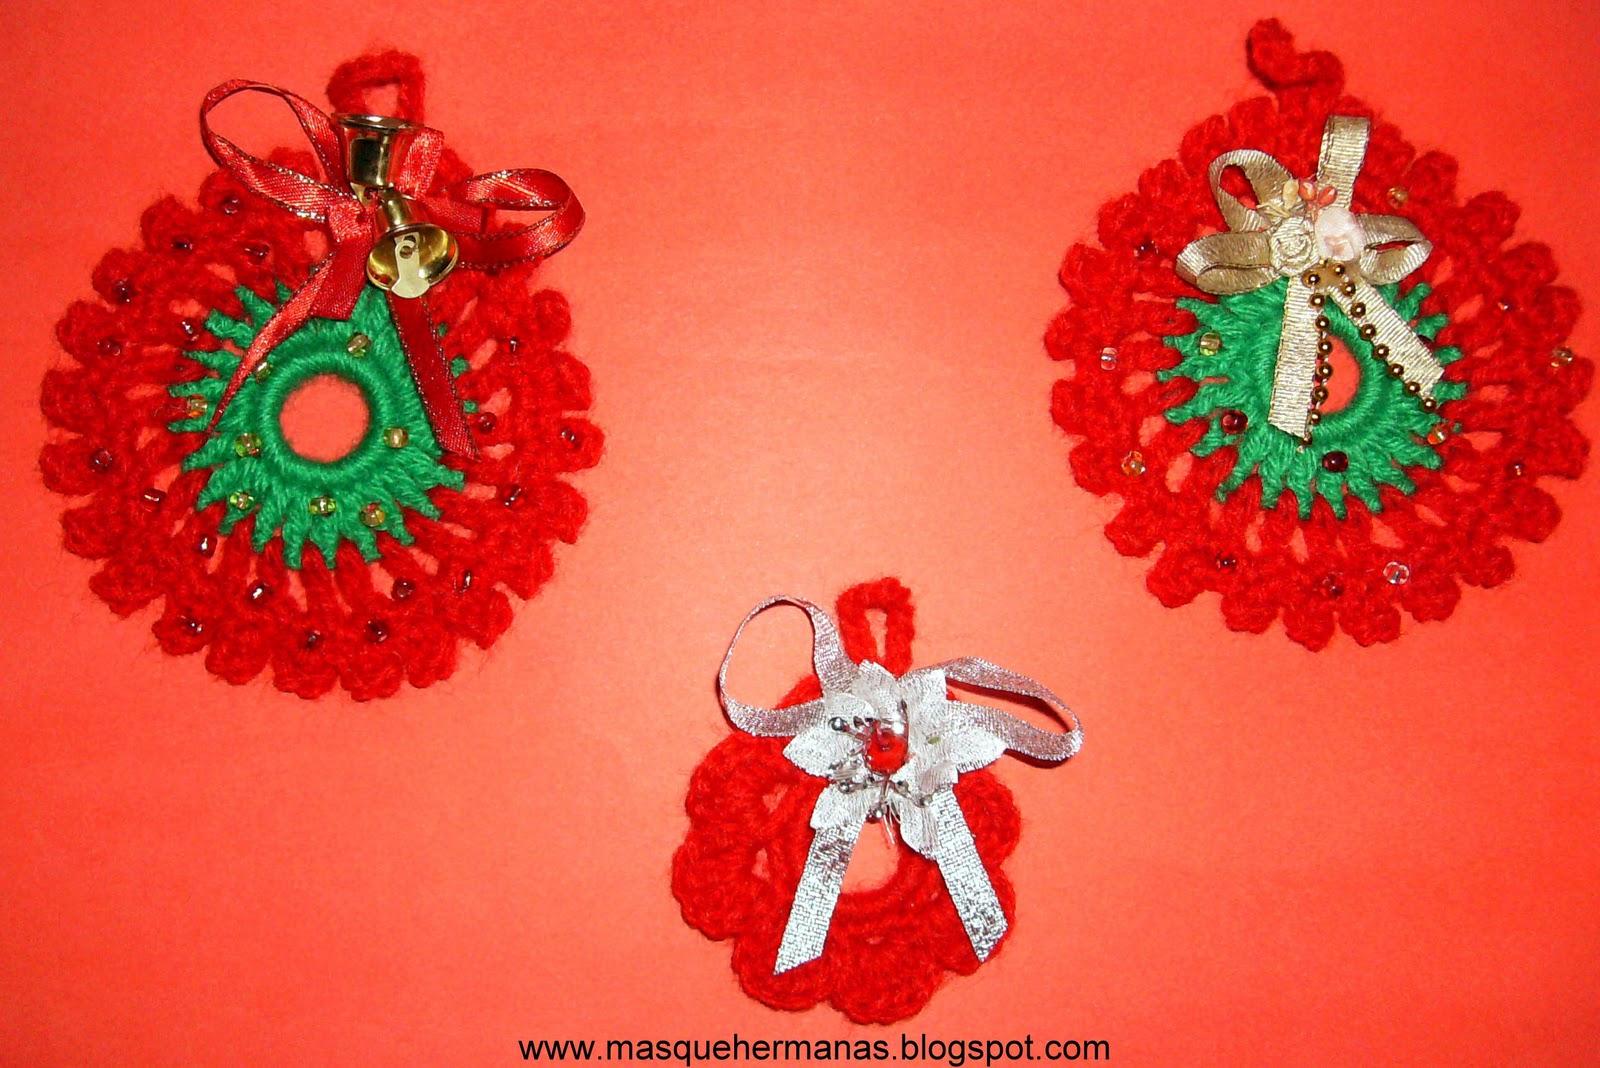 M s que hermanas adornos navide os en ganchillo y - Adornos navidenos crochet ...